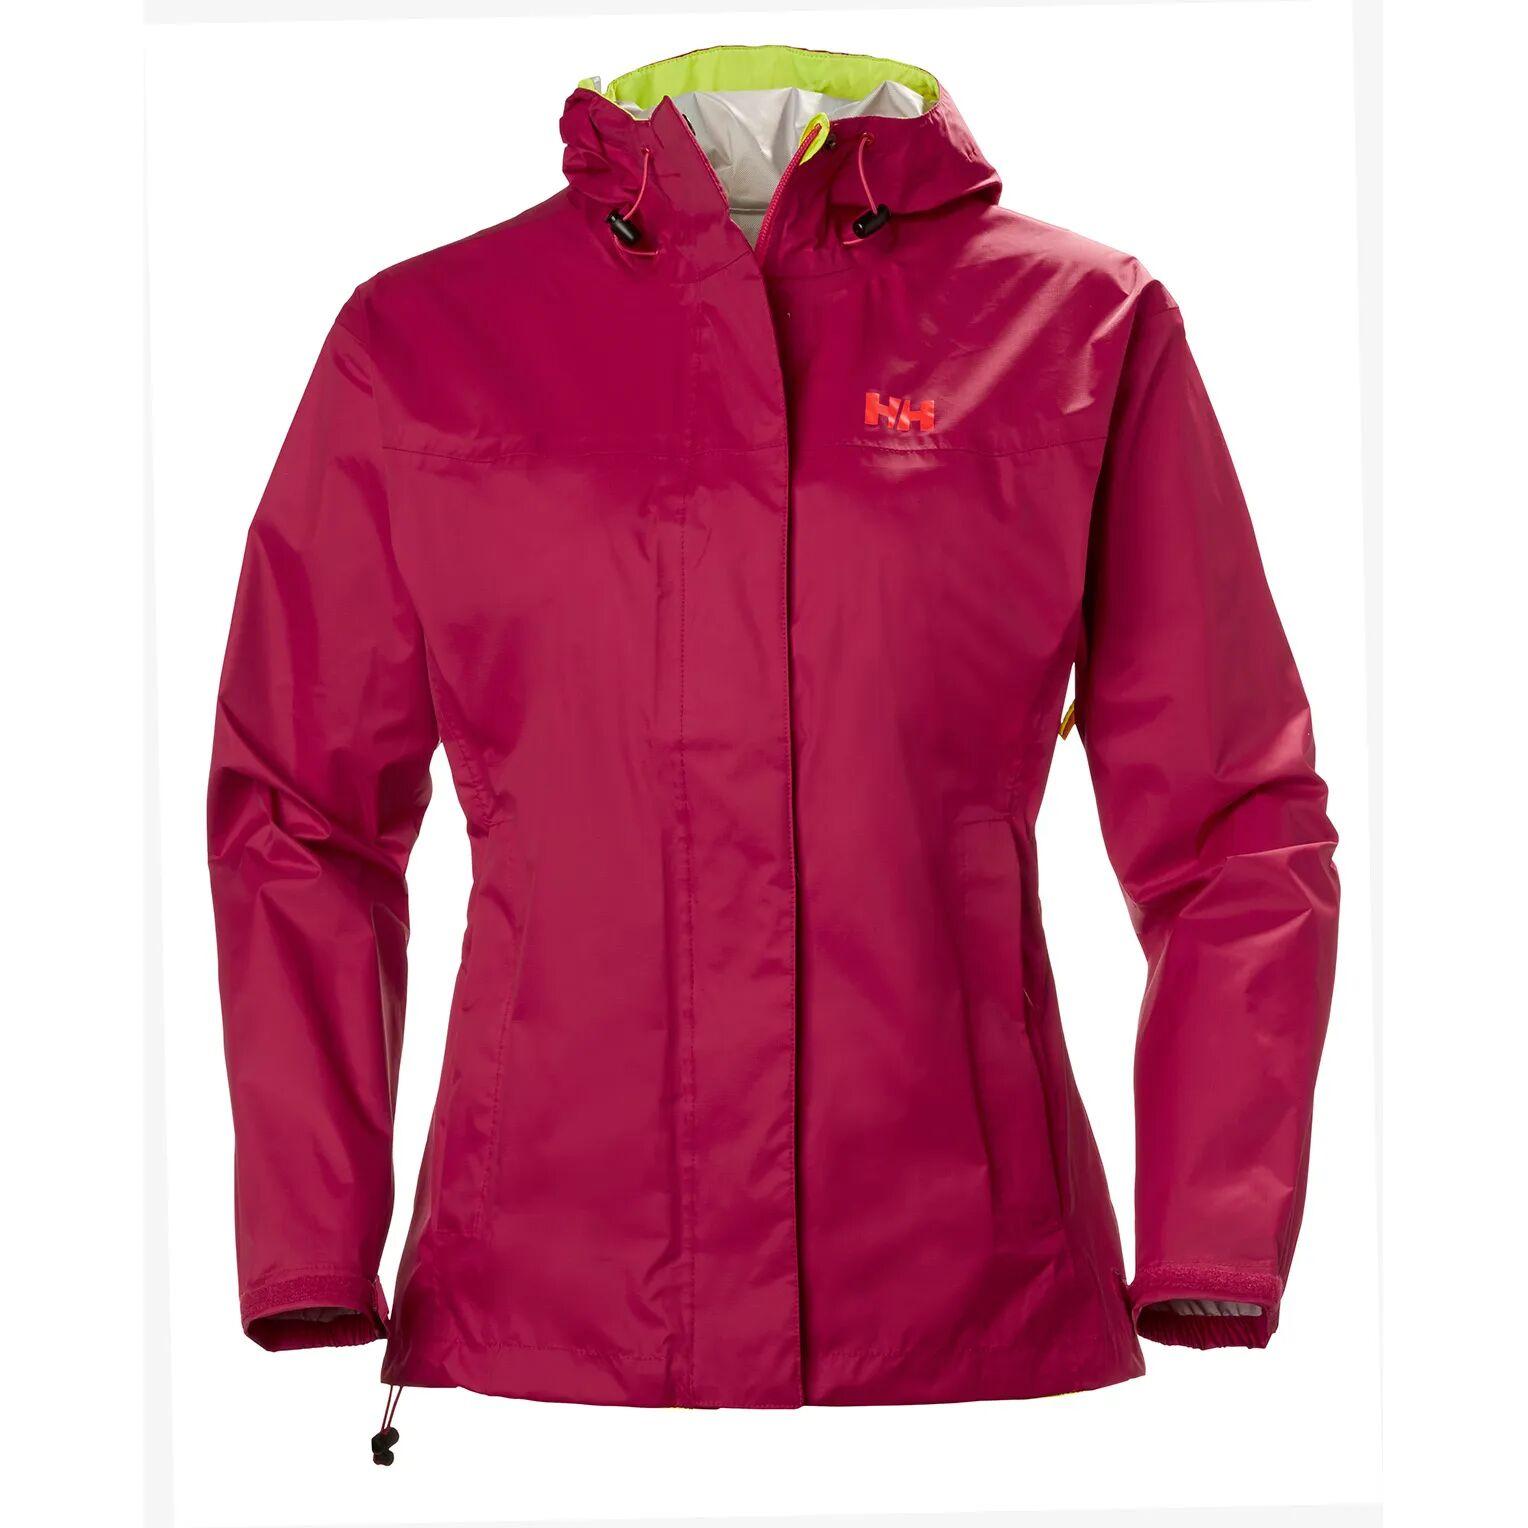 Helly Hansen W Loke Jacket Womens Hiking Pink XXXXL